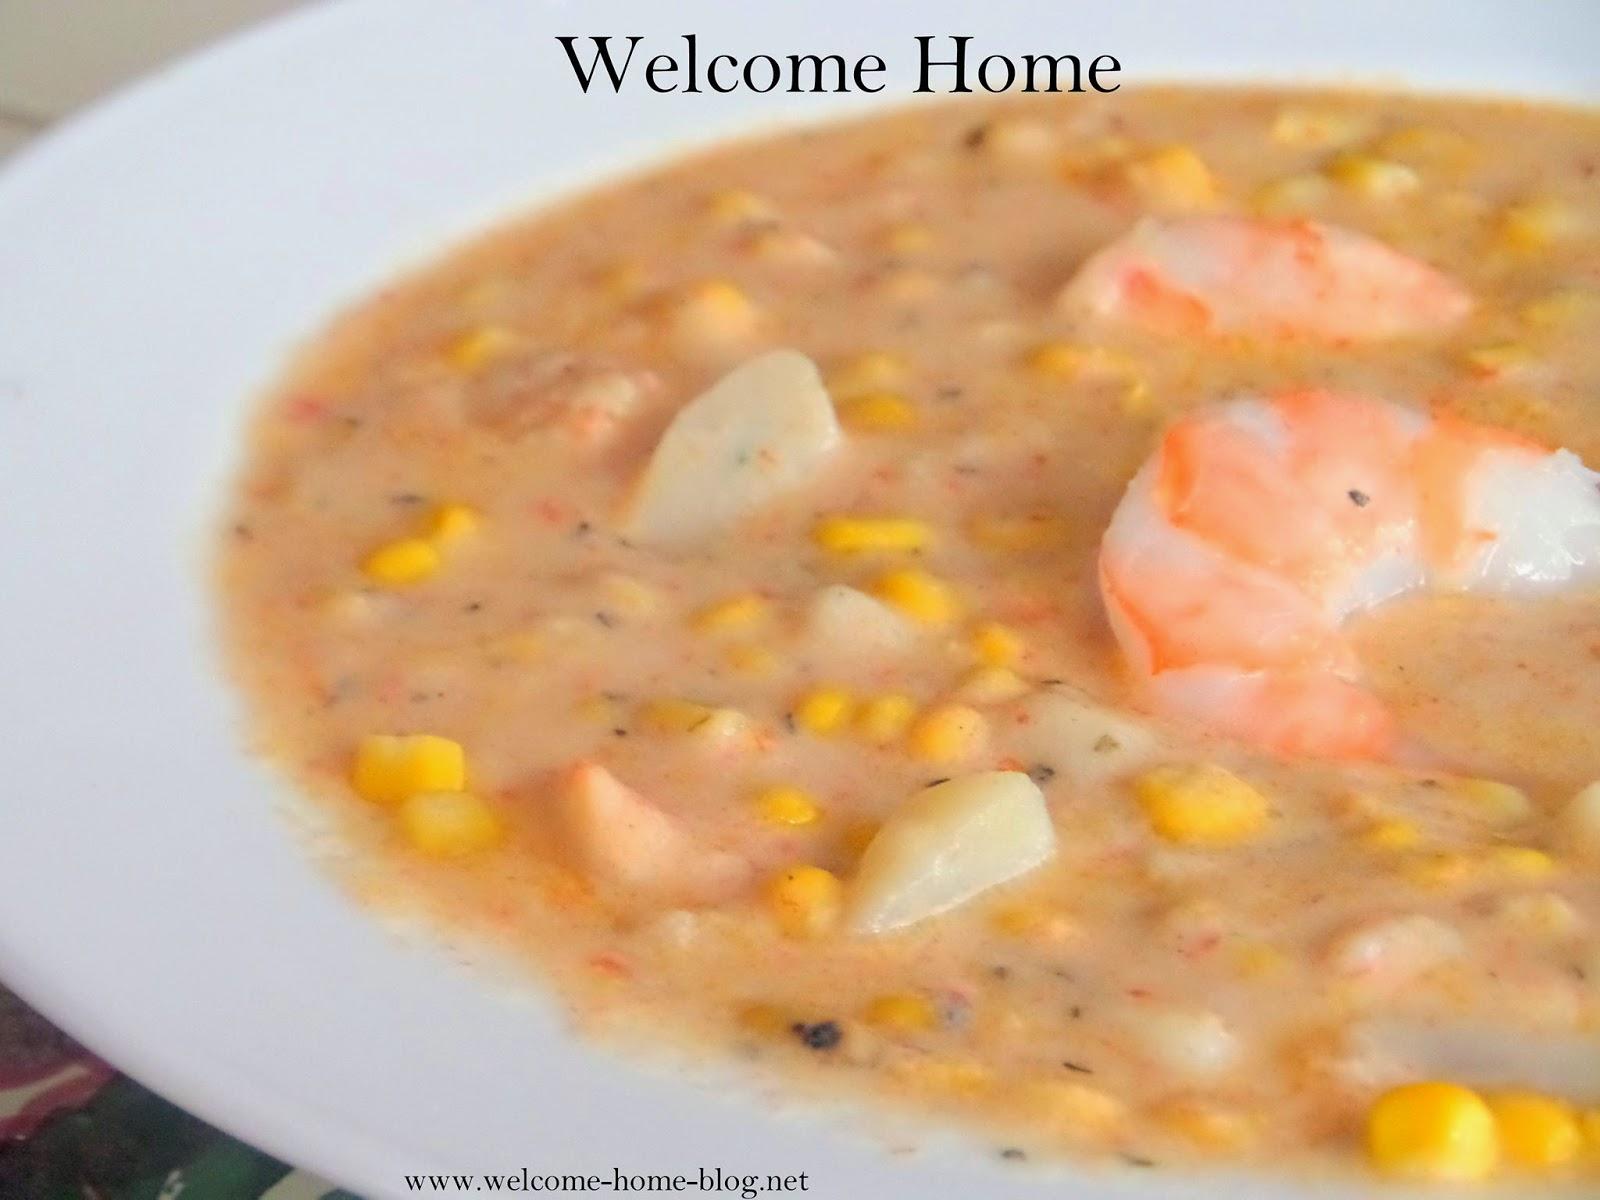 Welcome Home Blog: ♥ Creamy Shrimp Corn Chowder